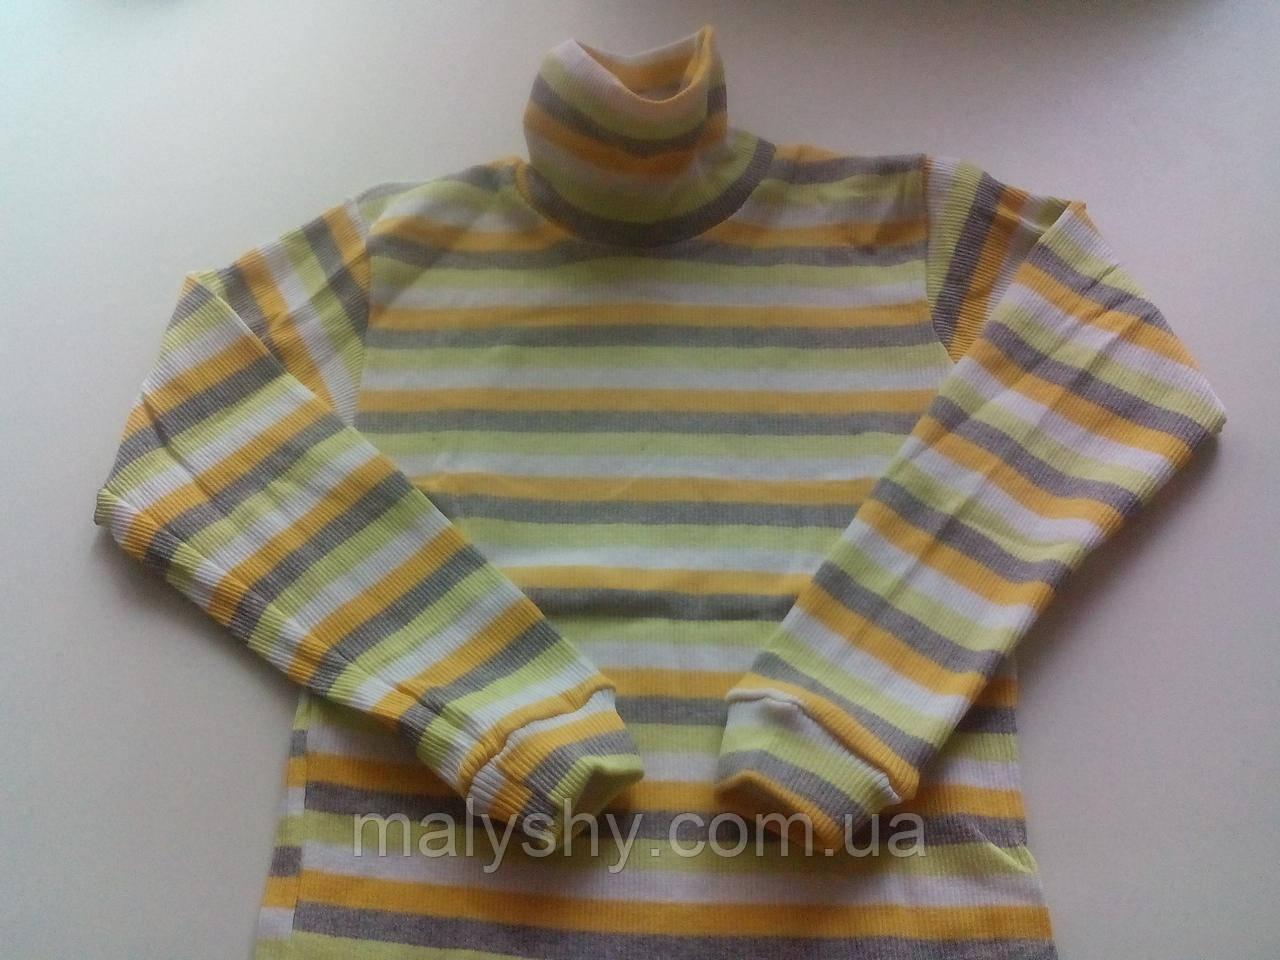 Водолазка полосатая 230219407, рост 134-140 размер 72 / желтый-серый-салатовый-белый